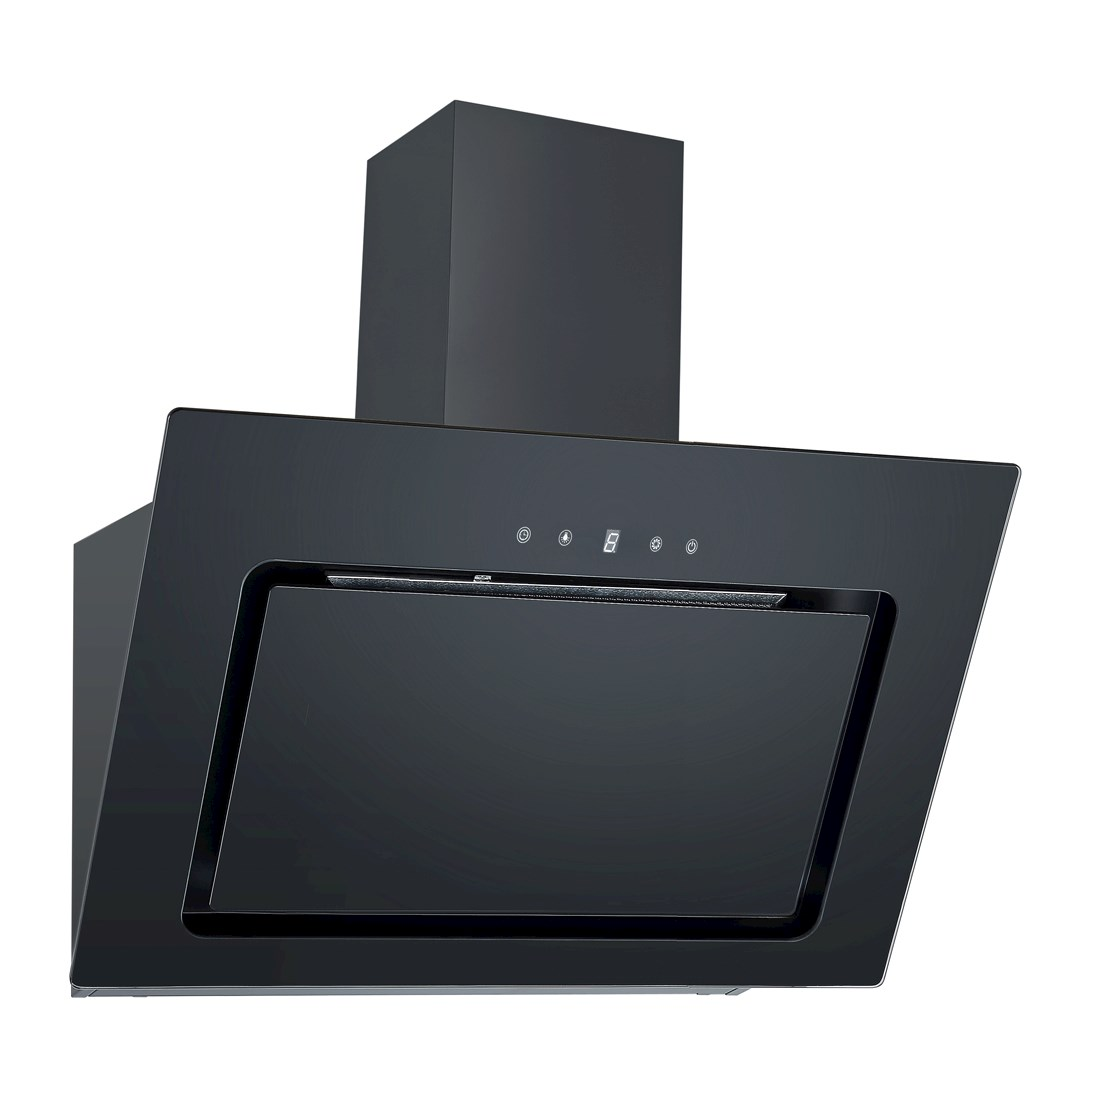 Coifa Elettromec Serata de Parede Inox e Vidro 90cm 220V